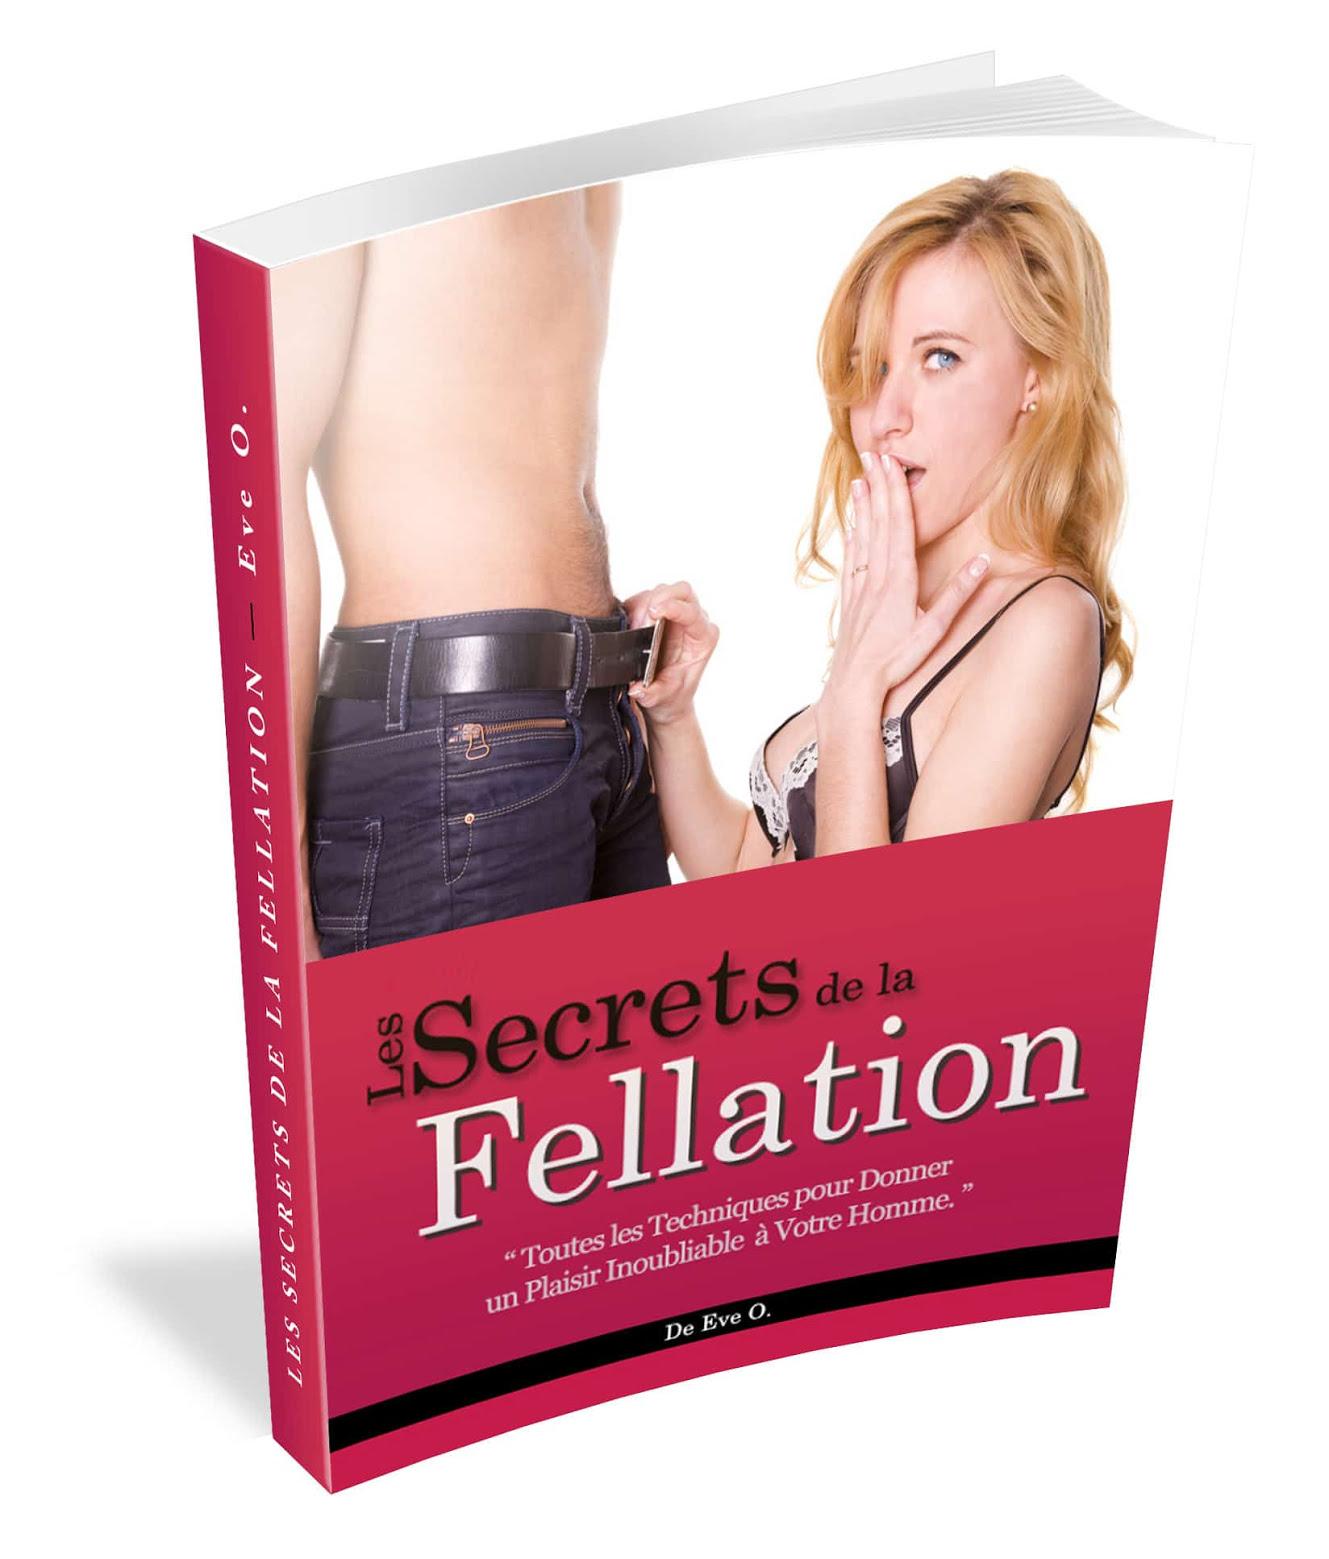 Ebook Fellation